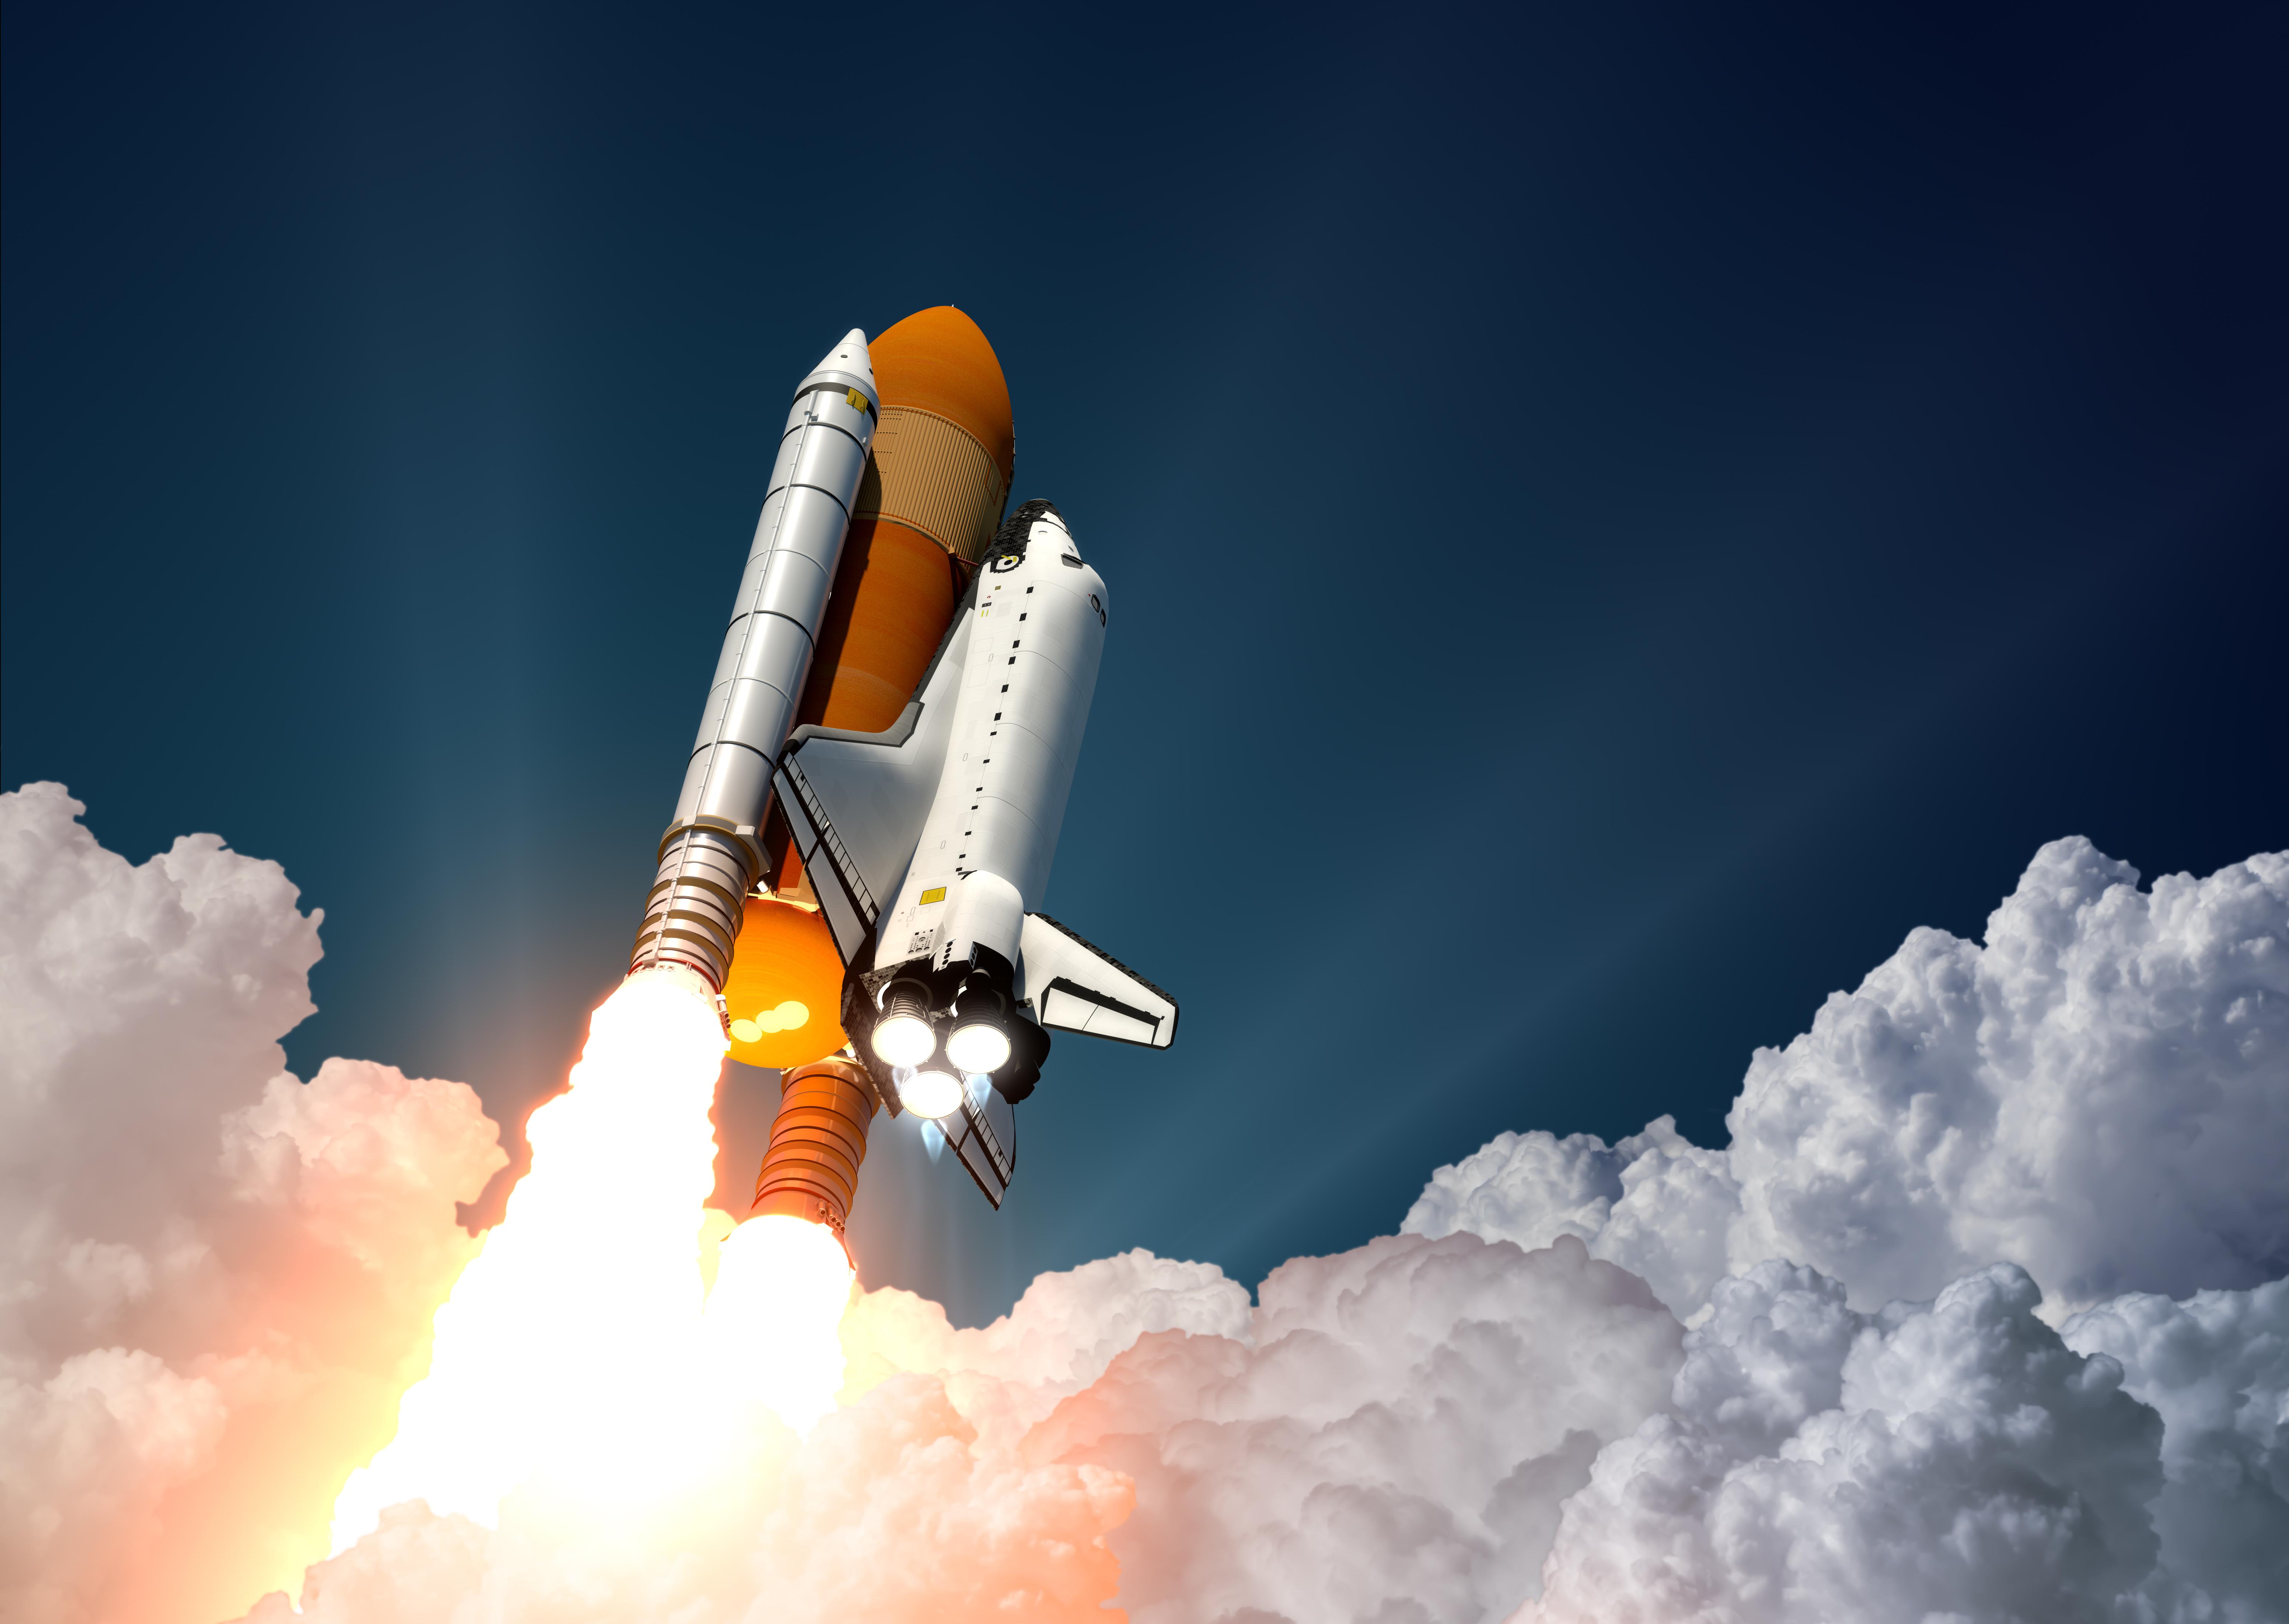 У Филатова есть билет в космос стоимостью 1,4 млн грн